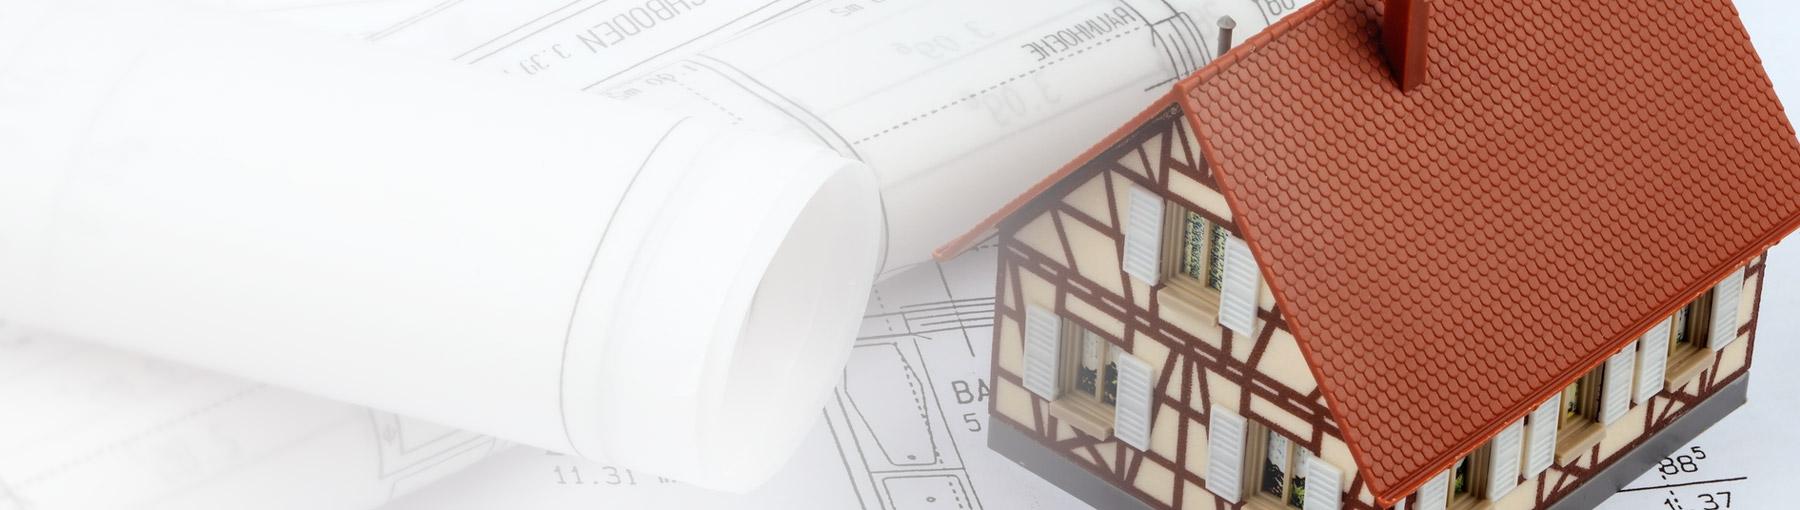 Miniaturhaus und Baupläne